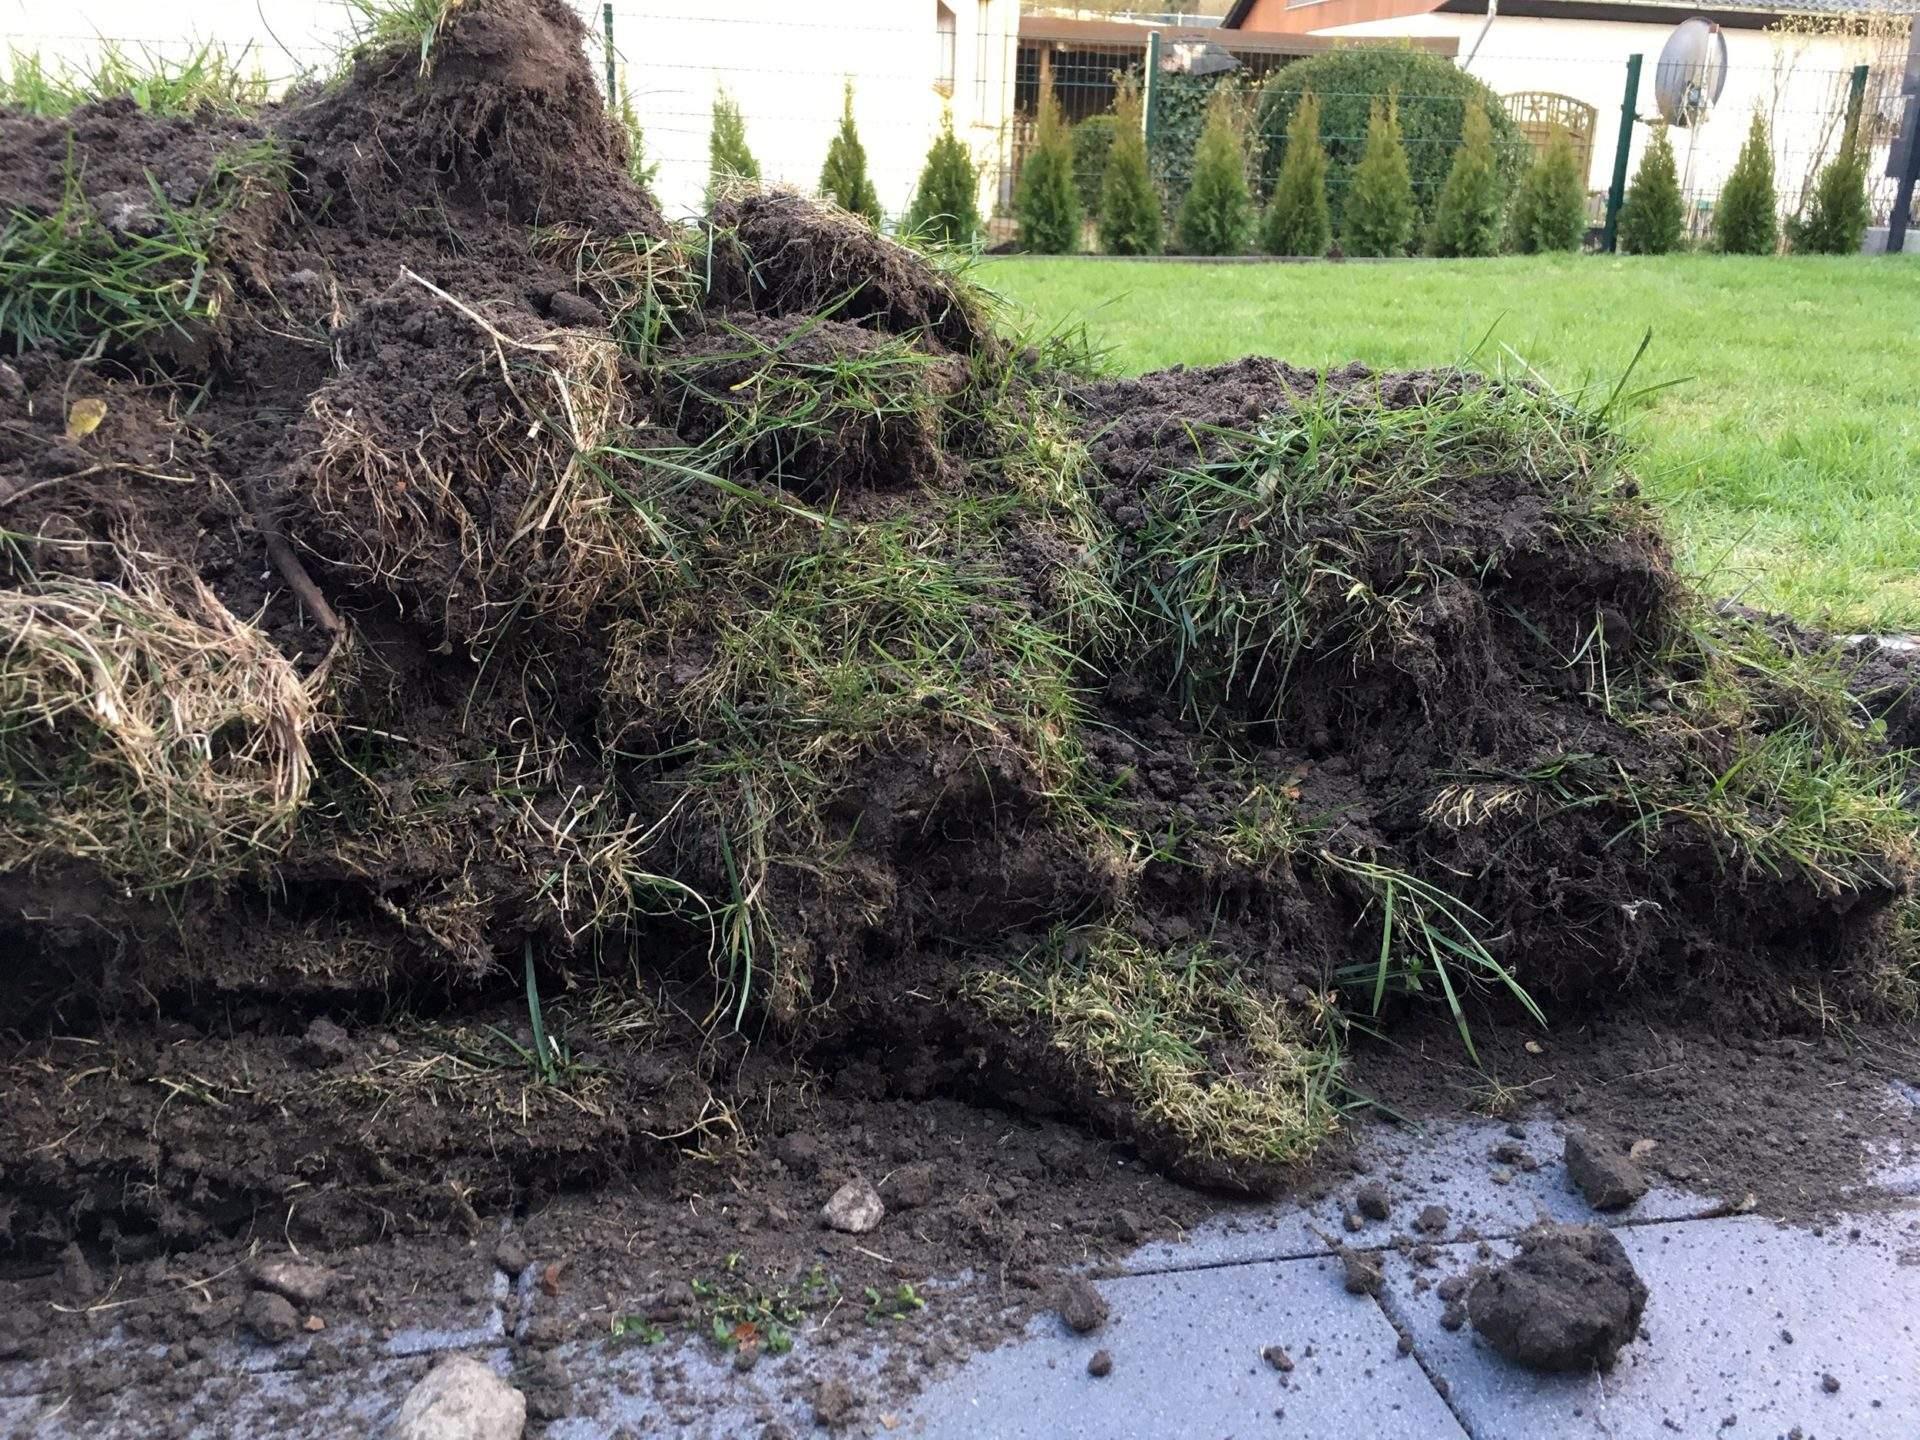 Garten Ohne Rasen Alternativen Zum Rasen Inspirierend Rasen Fräsen Oder Abtragen Was Verspricht Mehr Erfolg